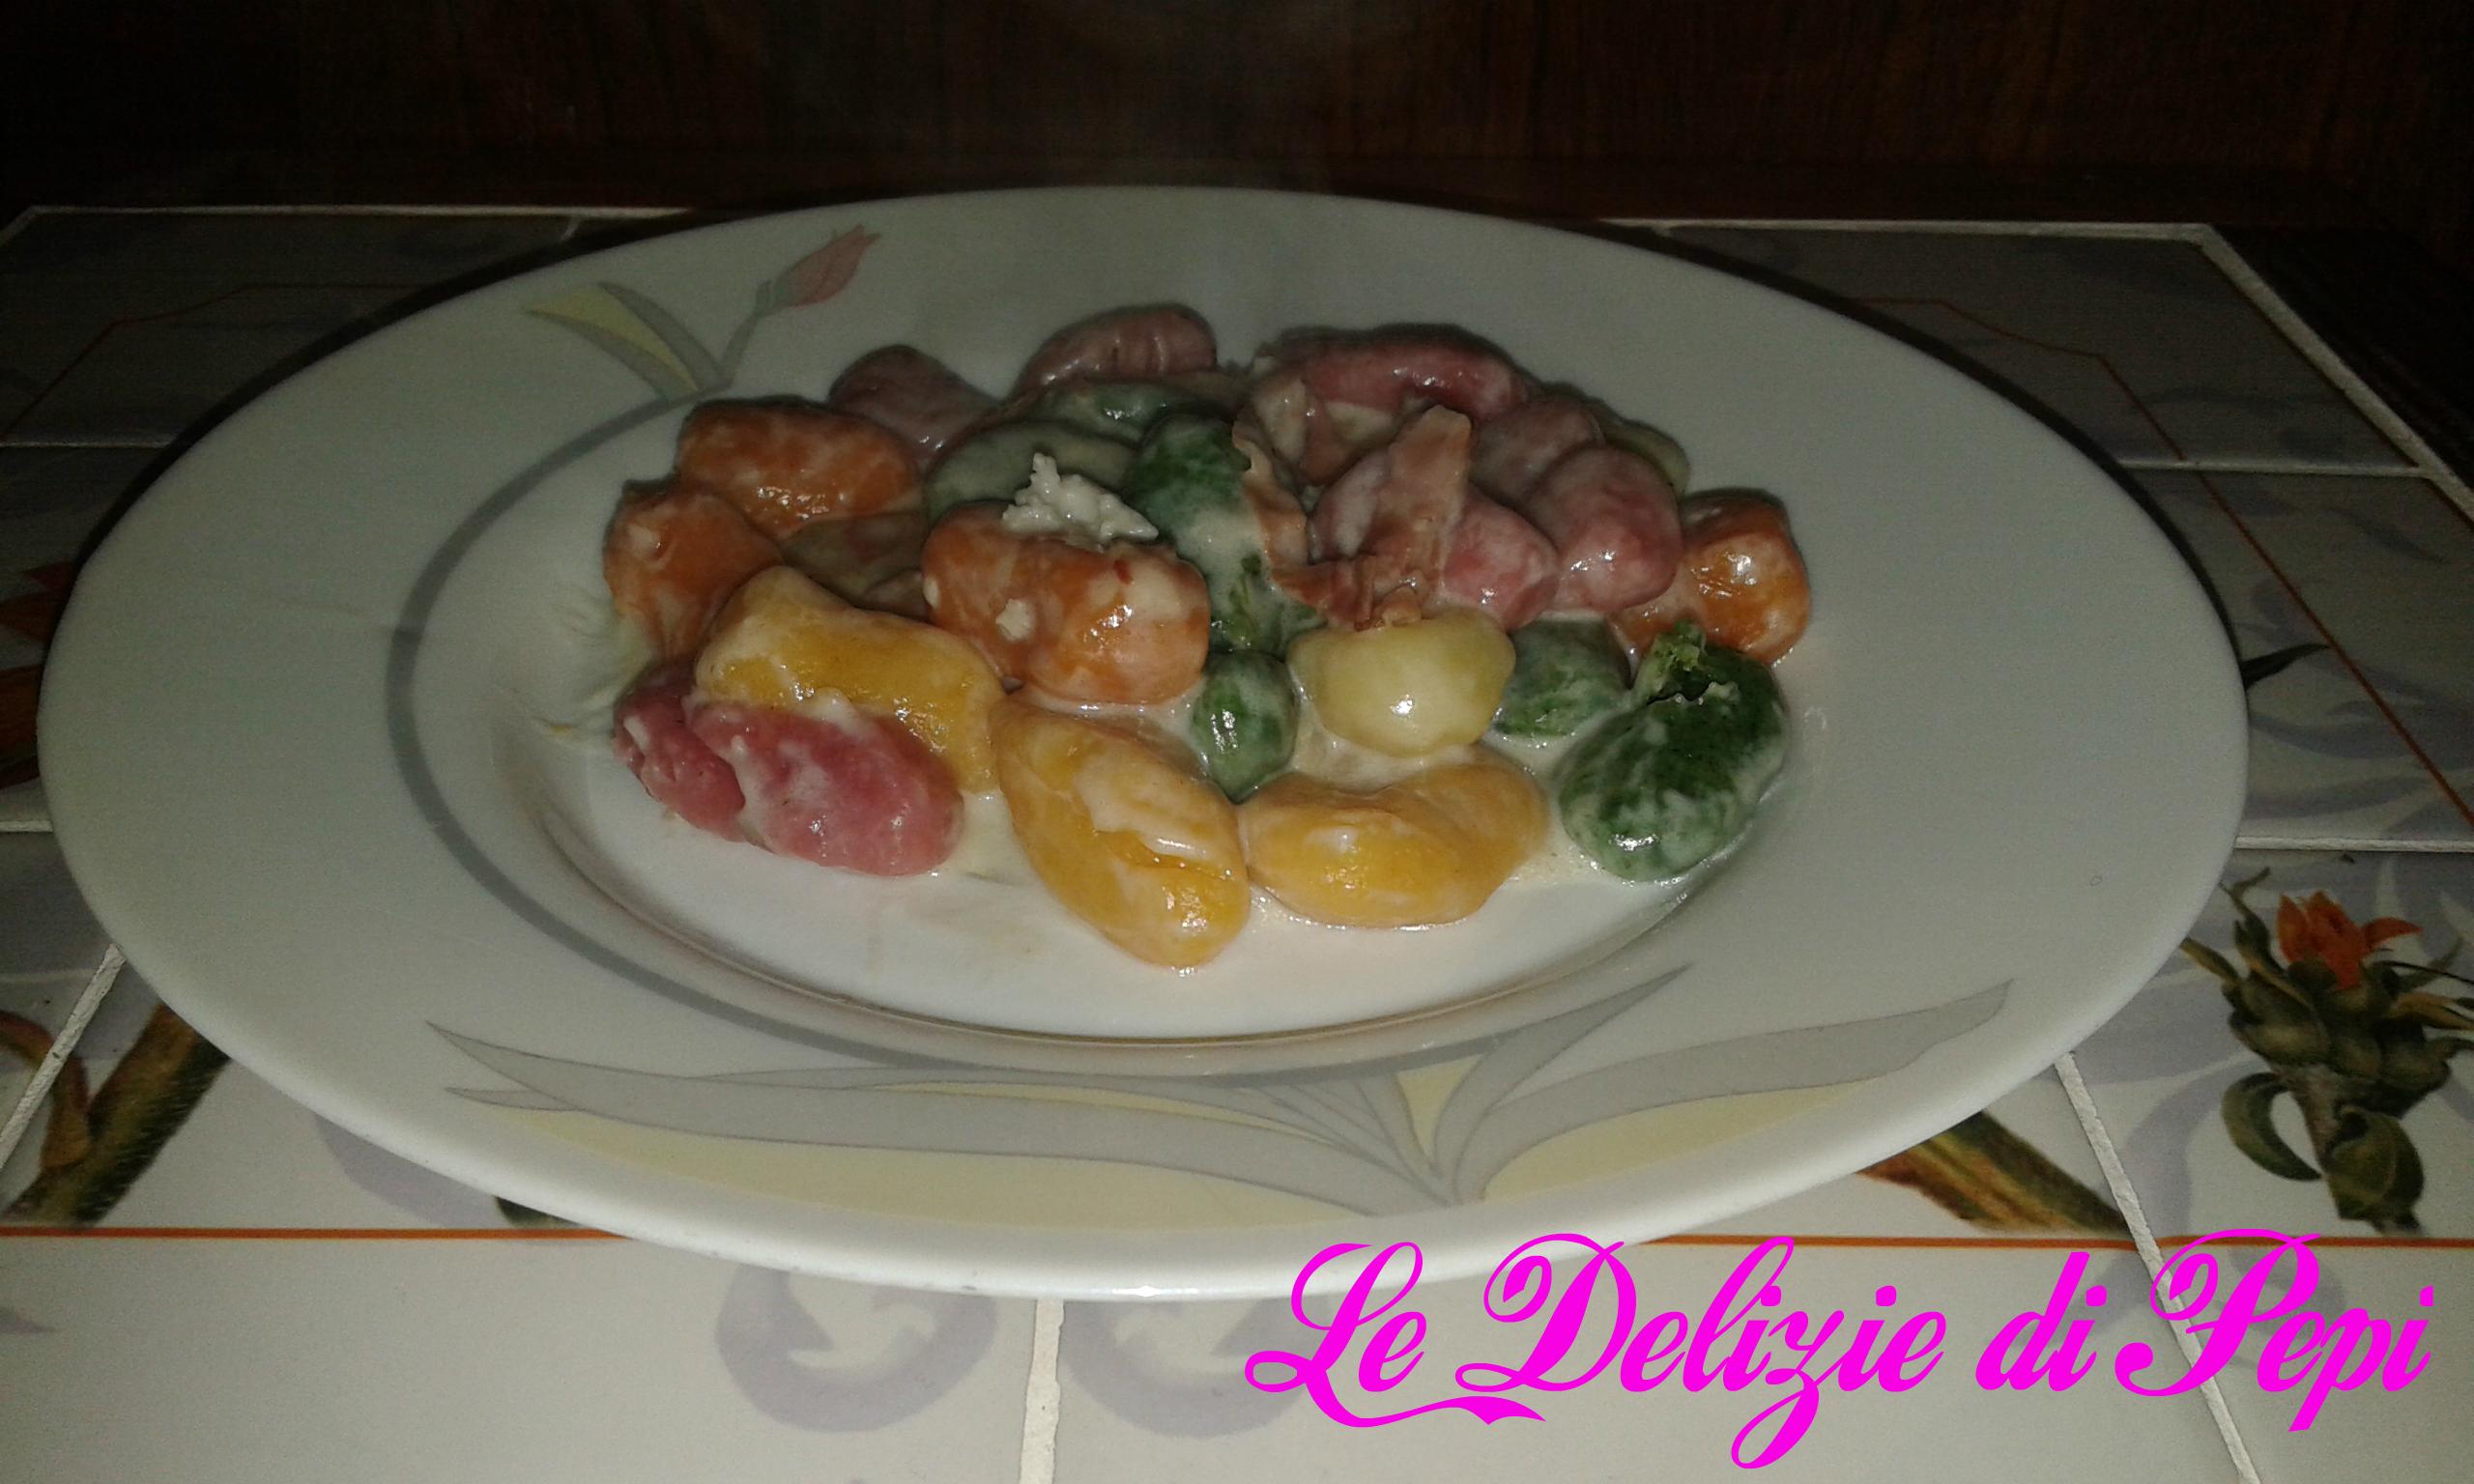 Gnocchi di patate arcobaleno